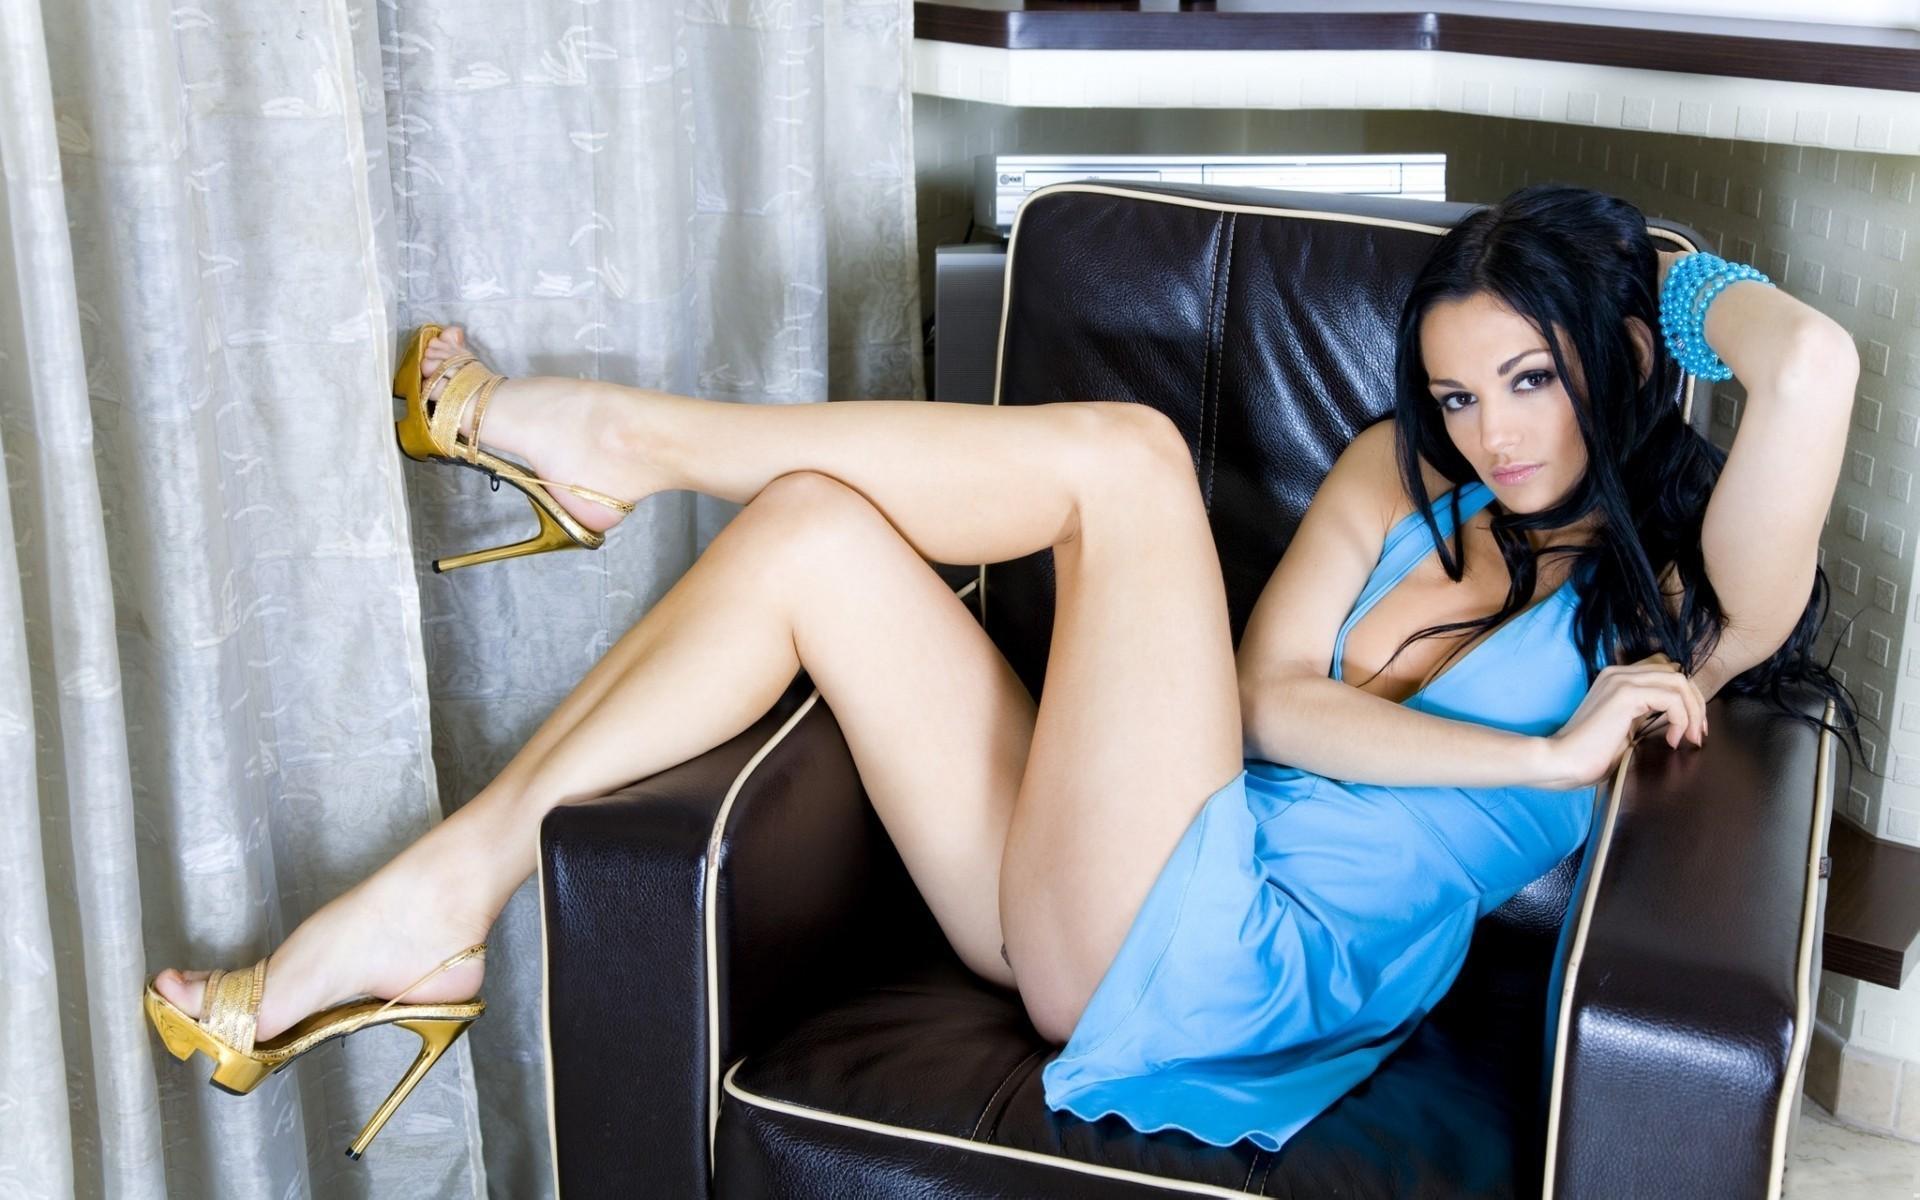 Фото девушек брюнеток в кресле 2 фотография